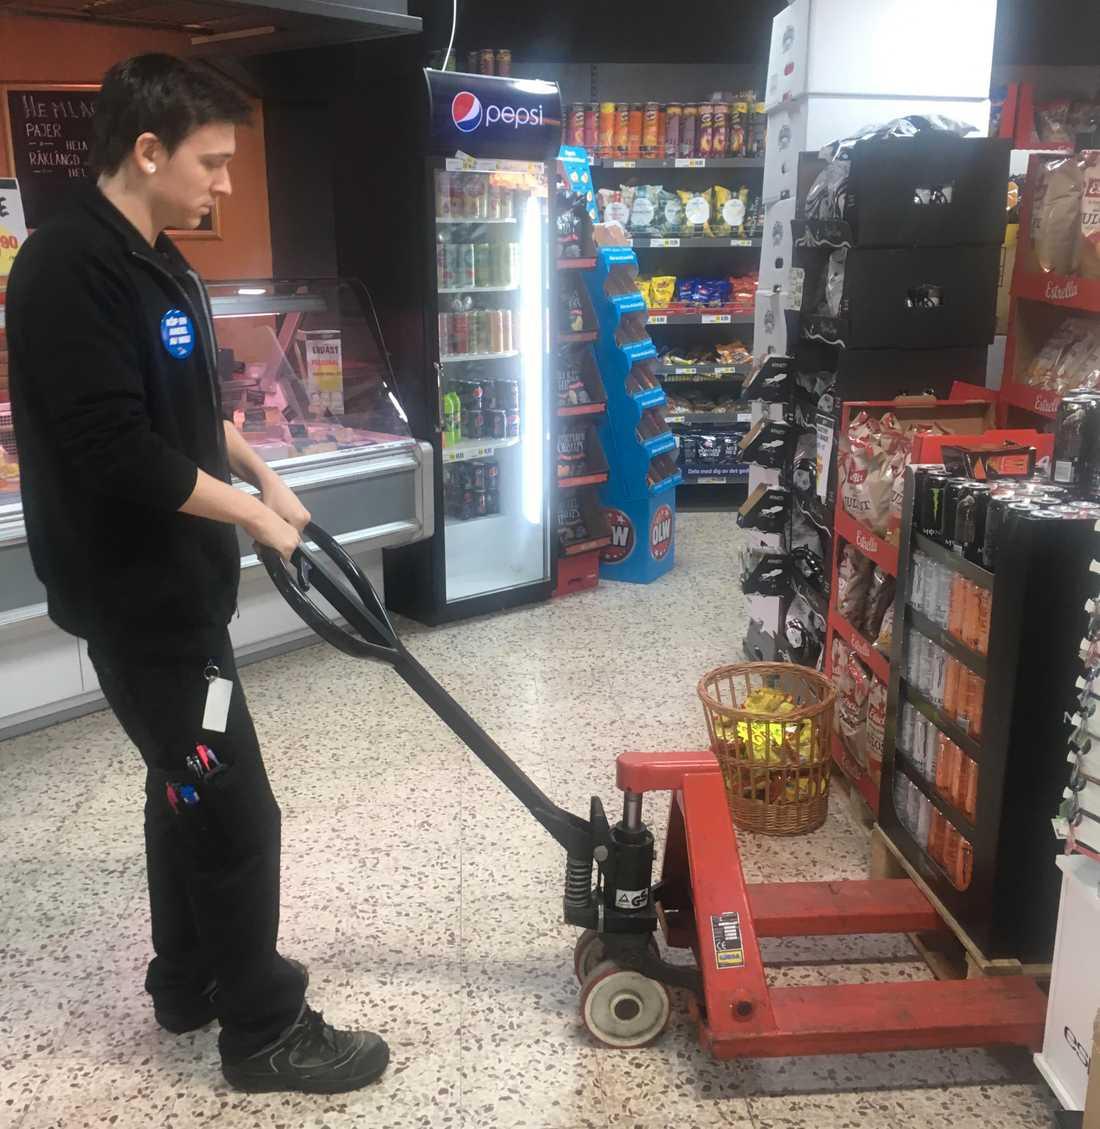 Butikschefen Christoffer Svensson rensar bort energidryck från butiken.